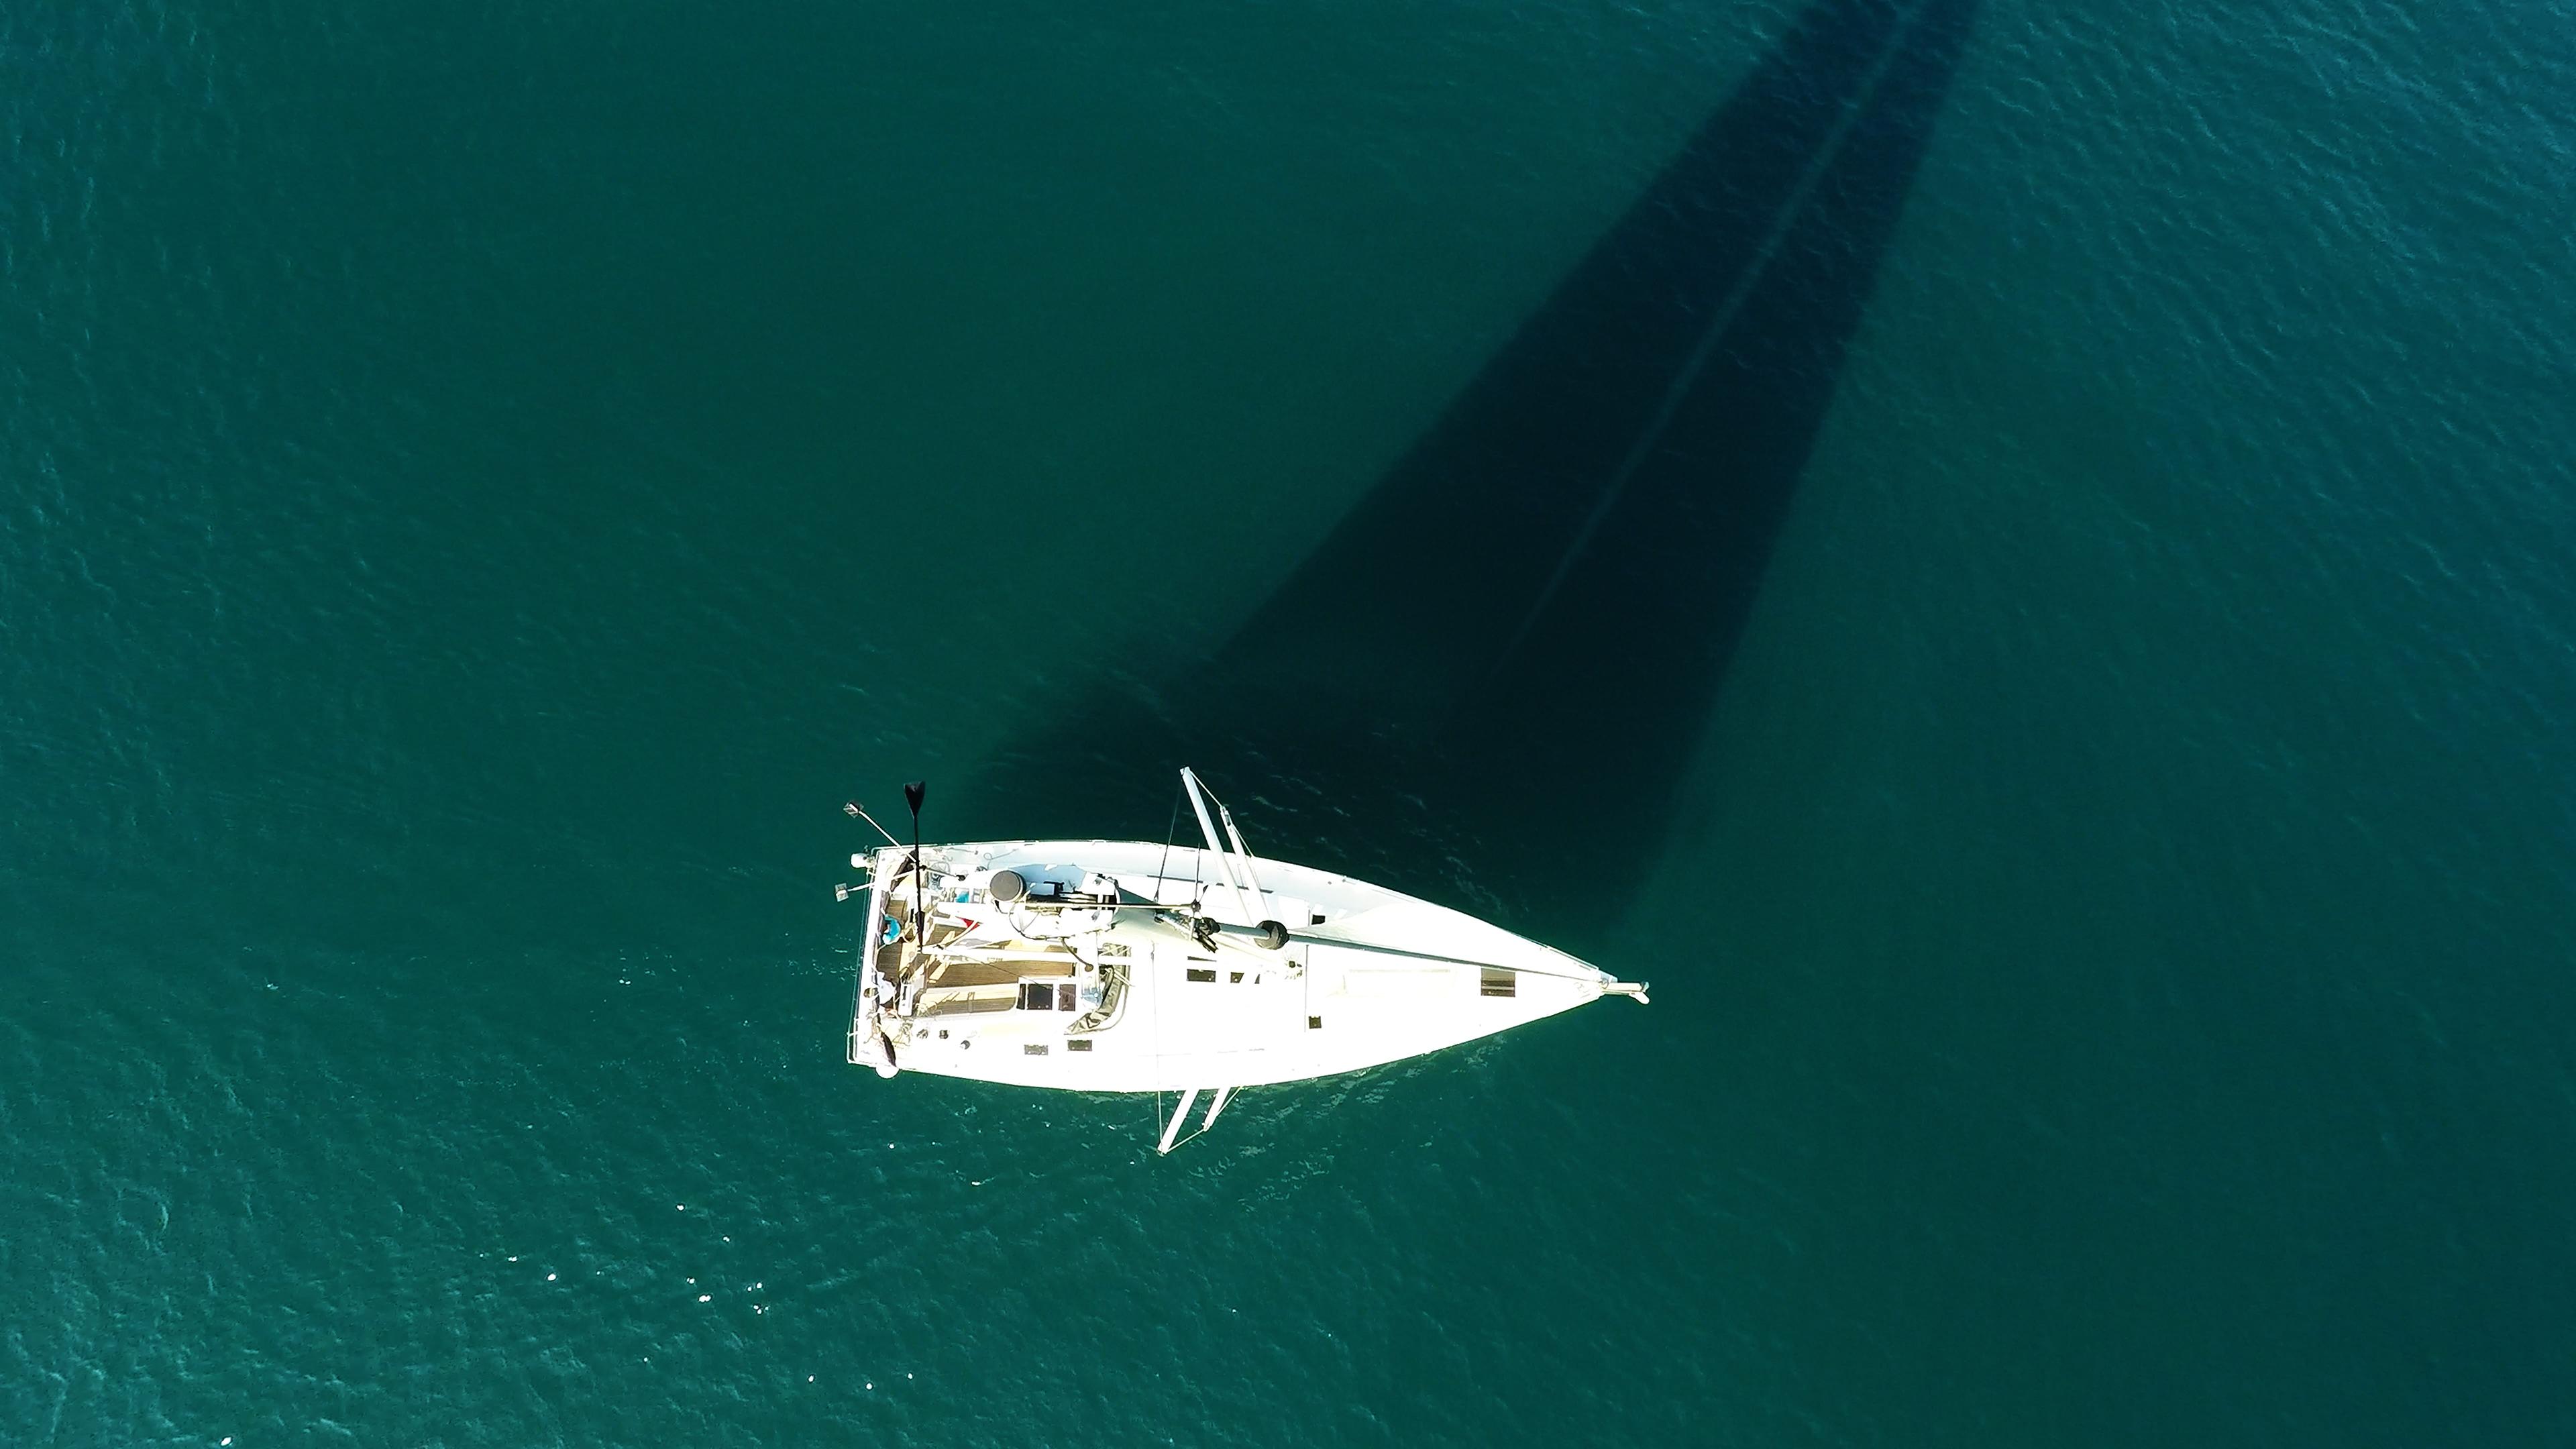 barcha a vela cima dell'albero indicatore del vento yacht a vela mare pozzetto ponte